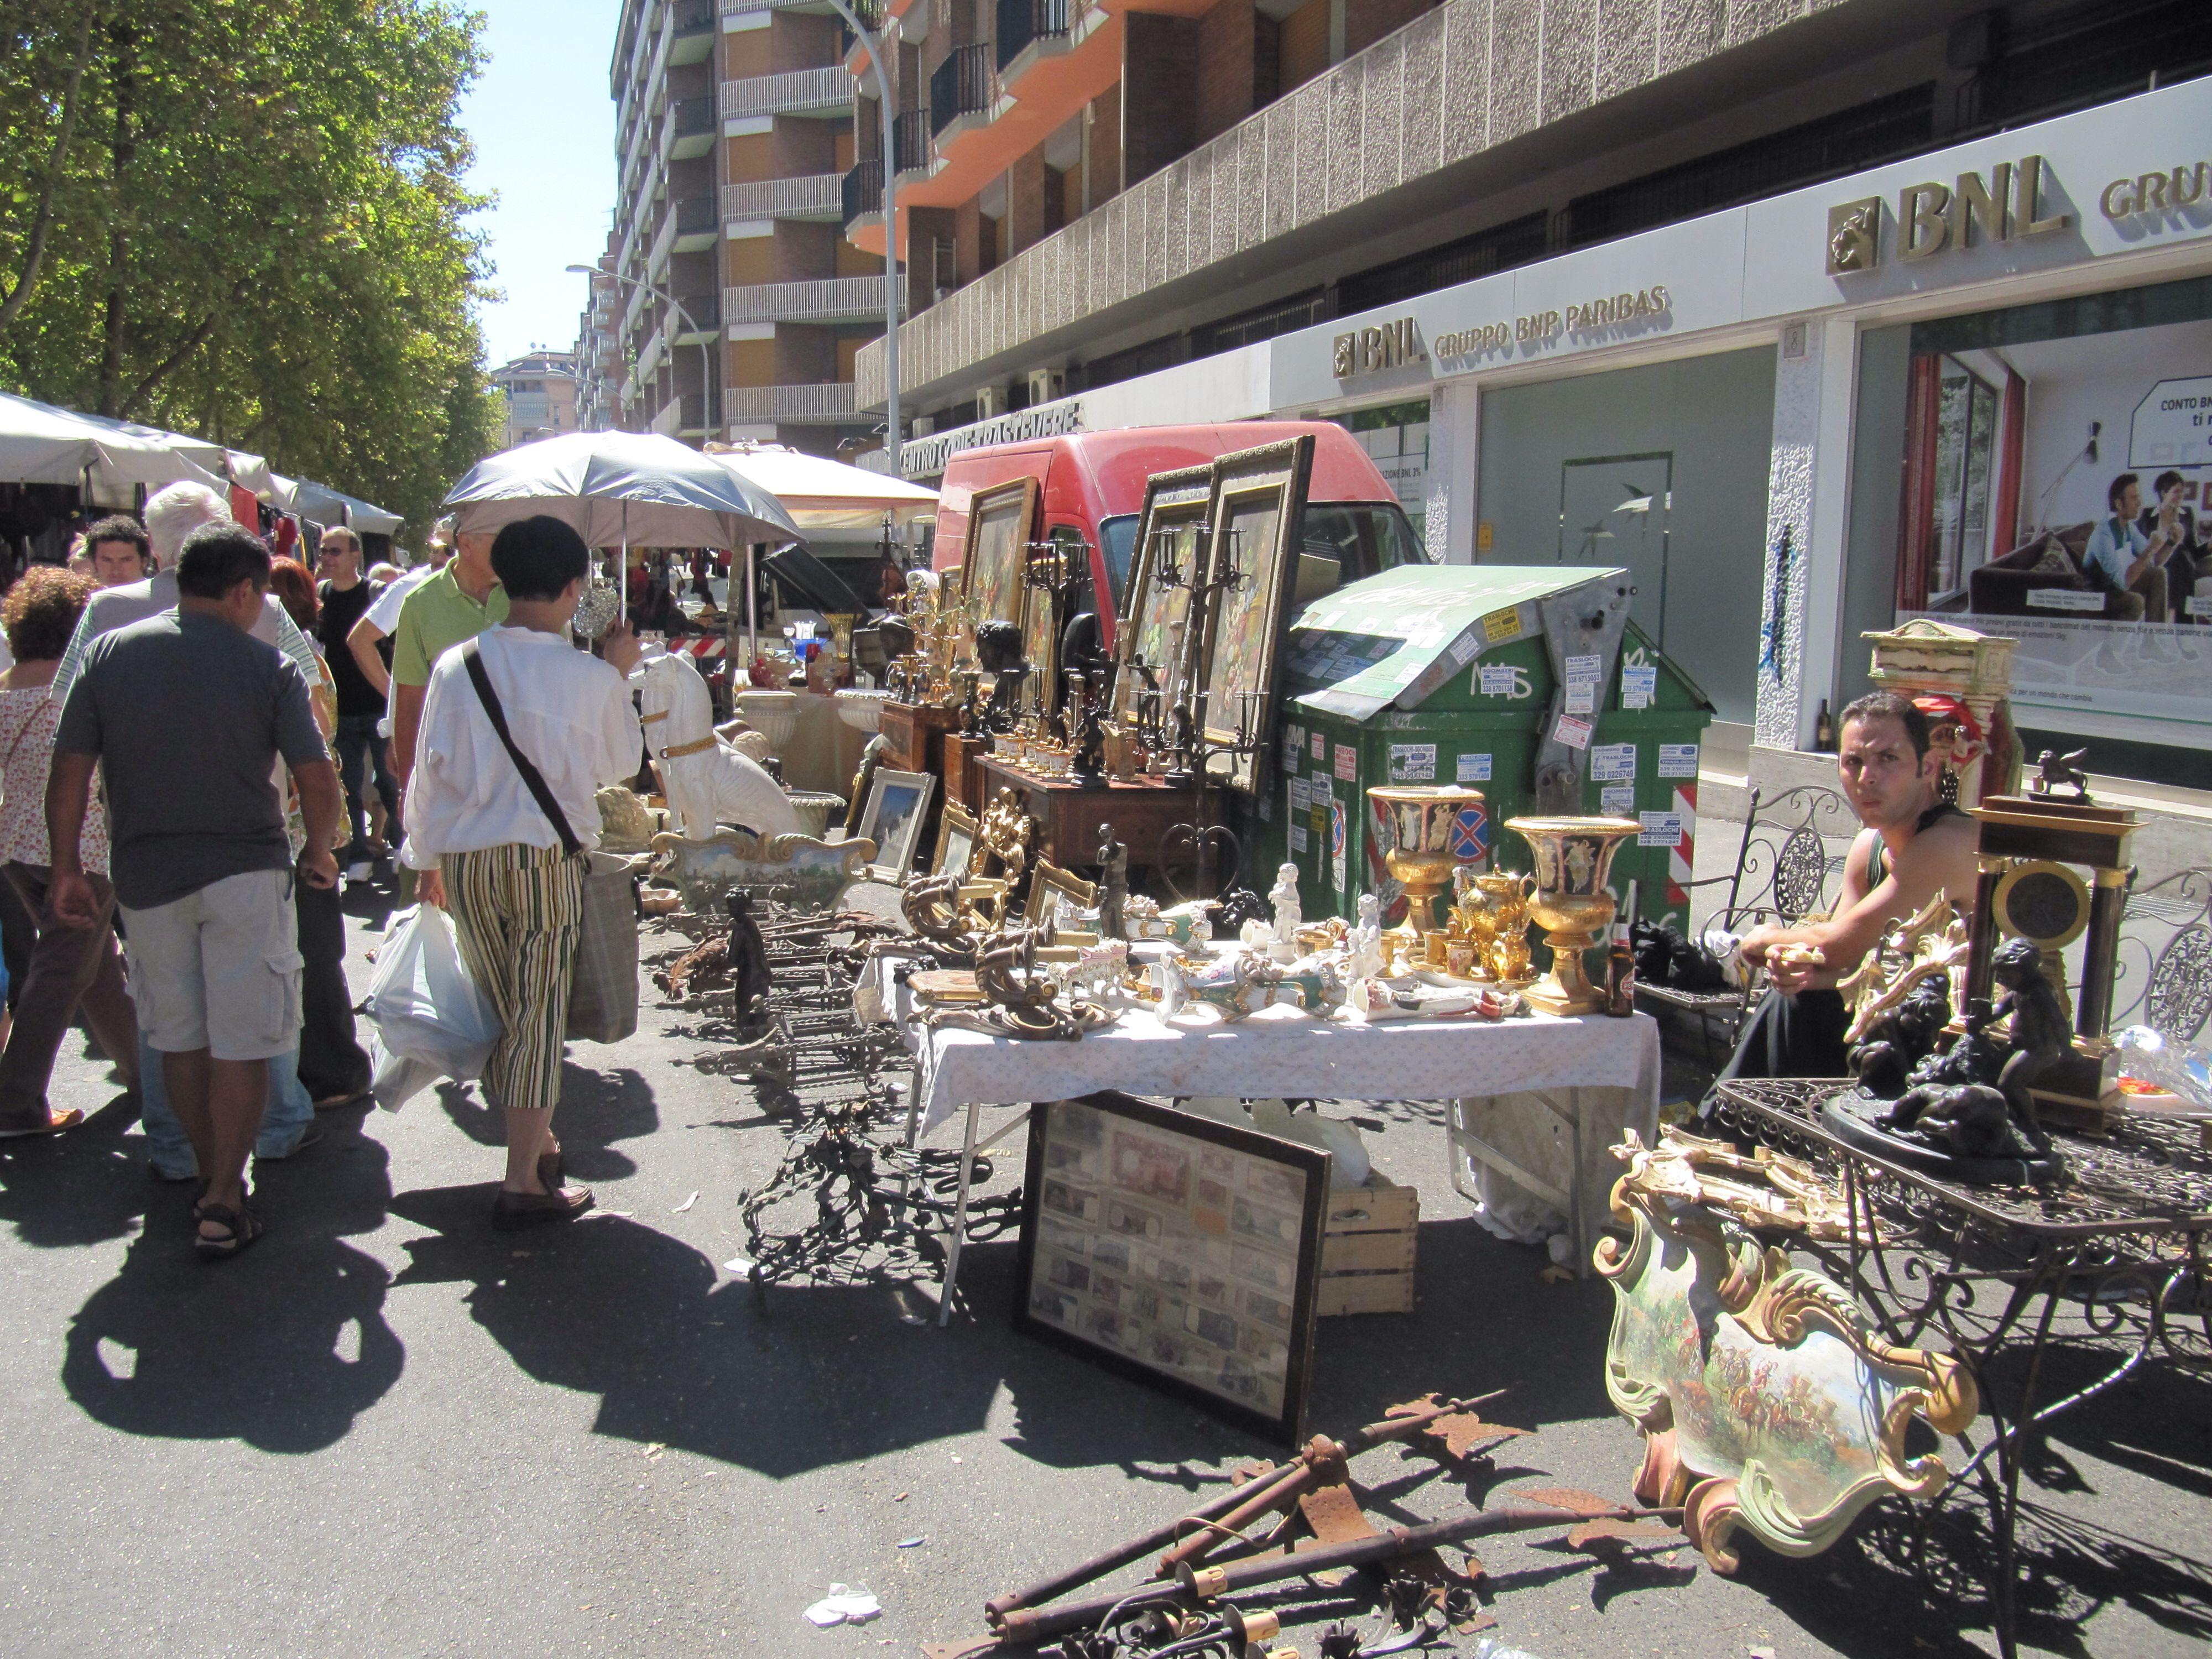 Flea market porto portese in rome italy italy travel